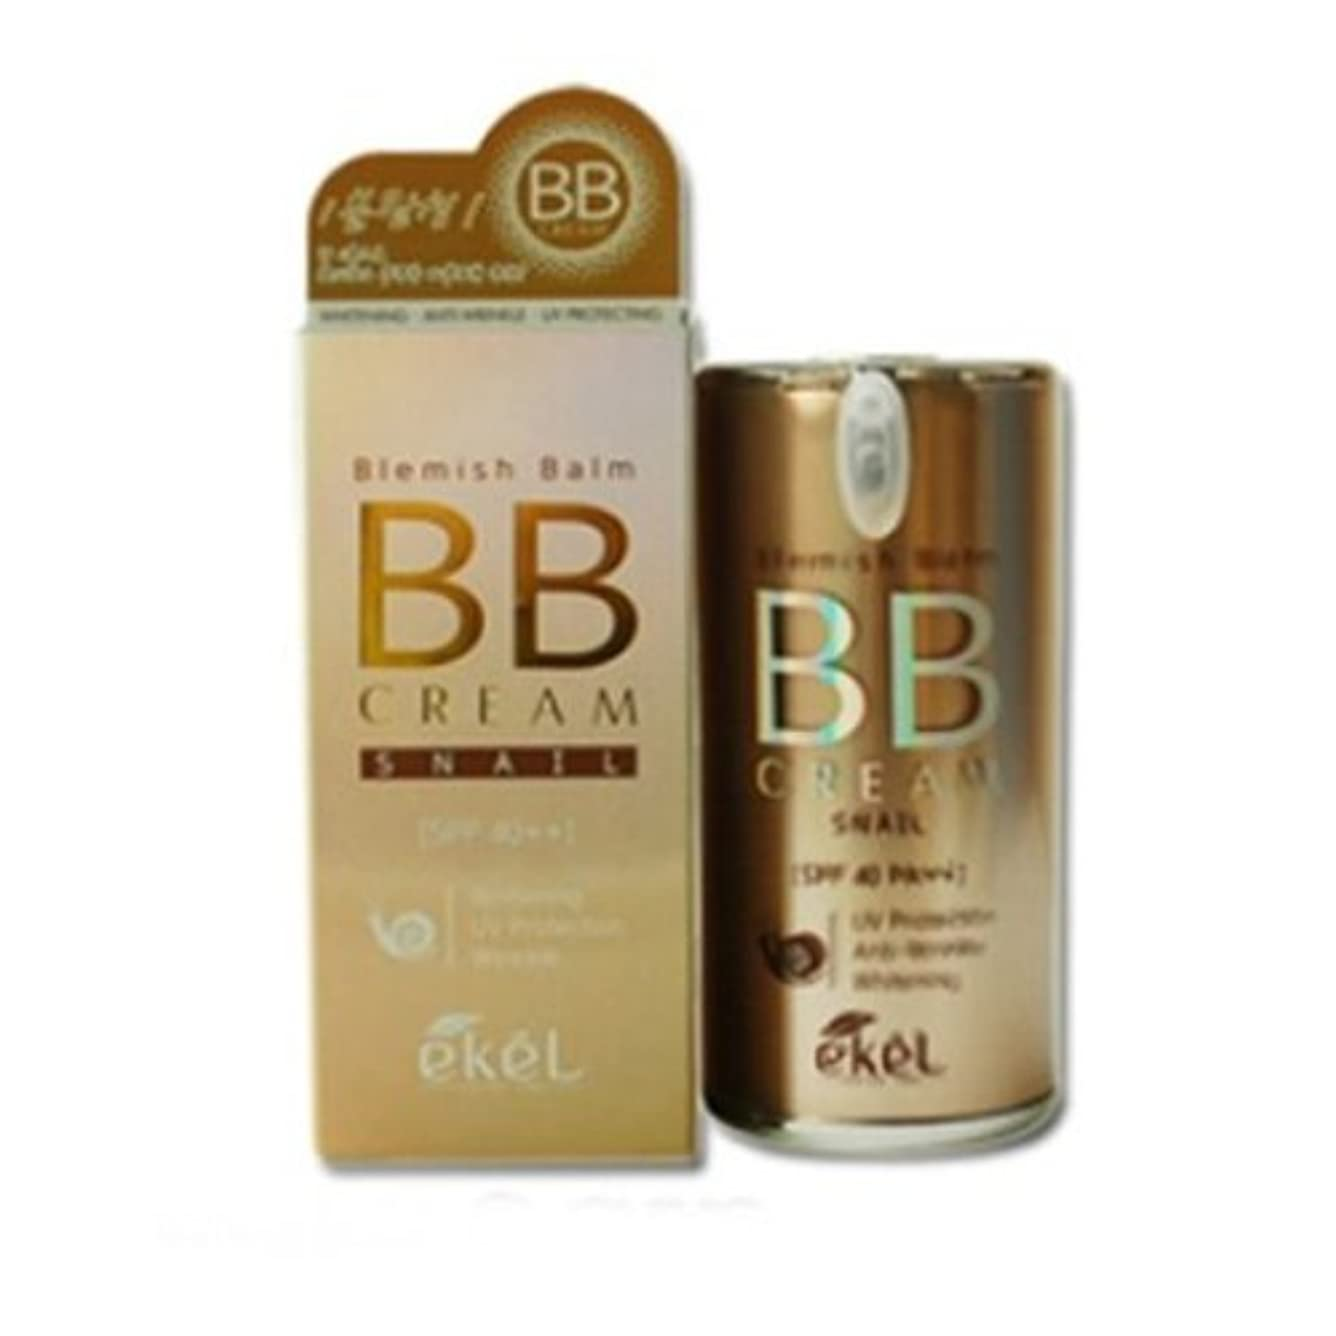 インシュレータ同情的ばかイケル[韓国コスメEkel]Blemish Balm Snail BB Cream ブレムスバームカタツムリBBクリーム50g SPF40 PA++[並行輸入品]